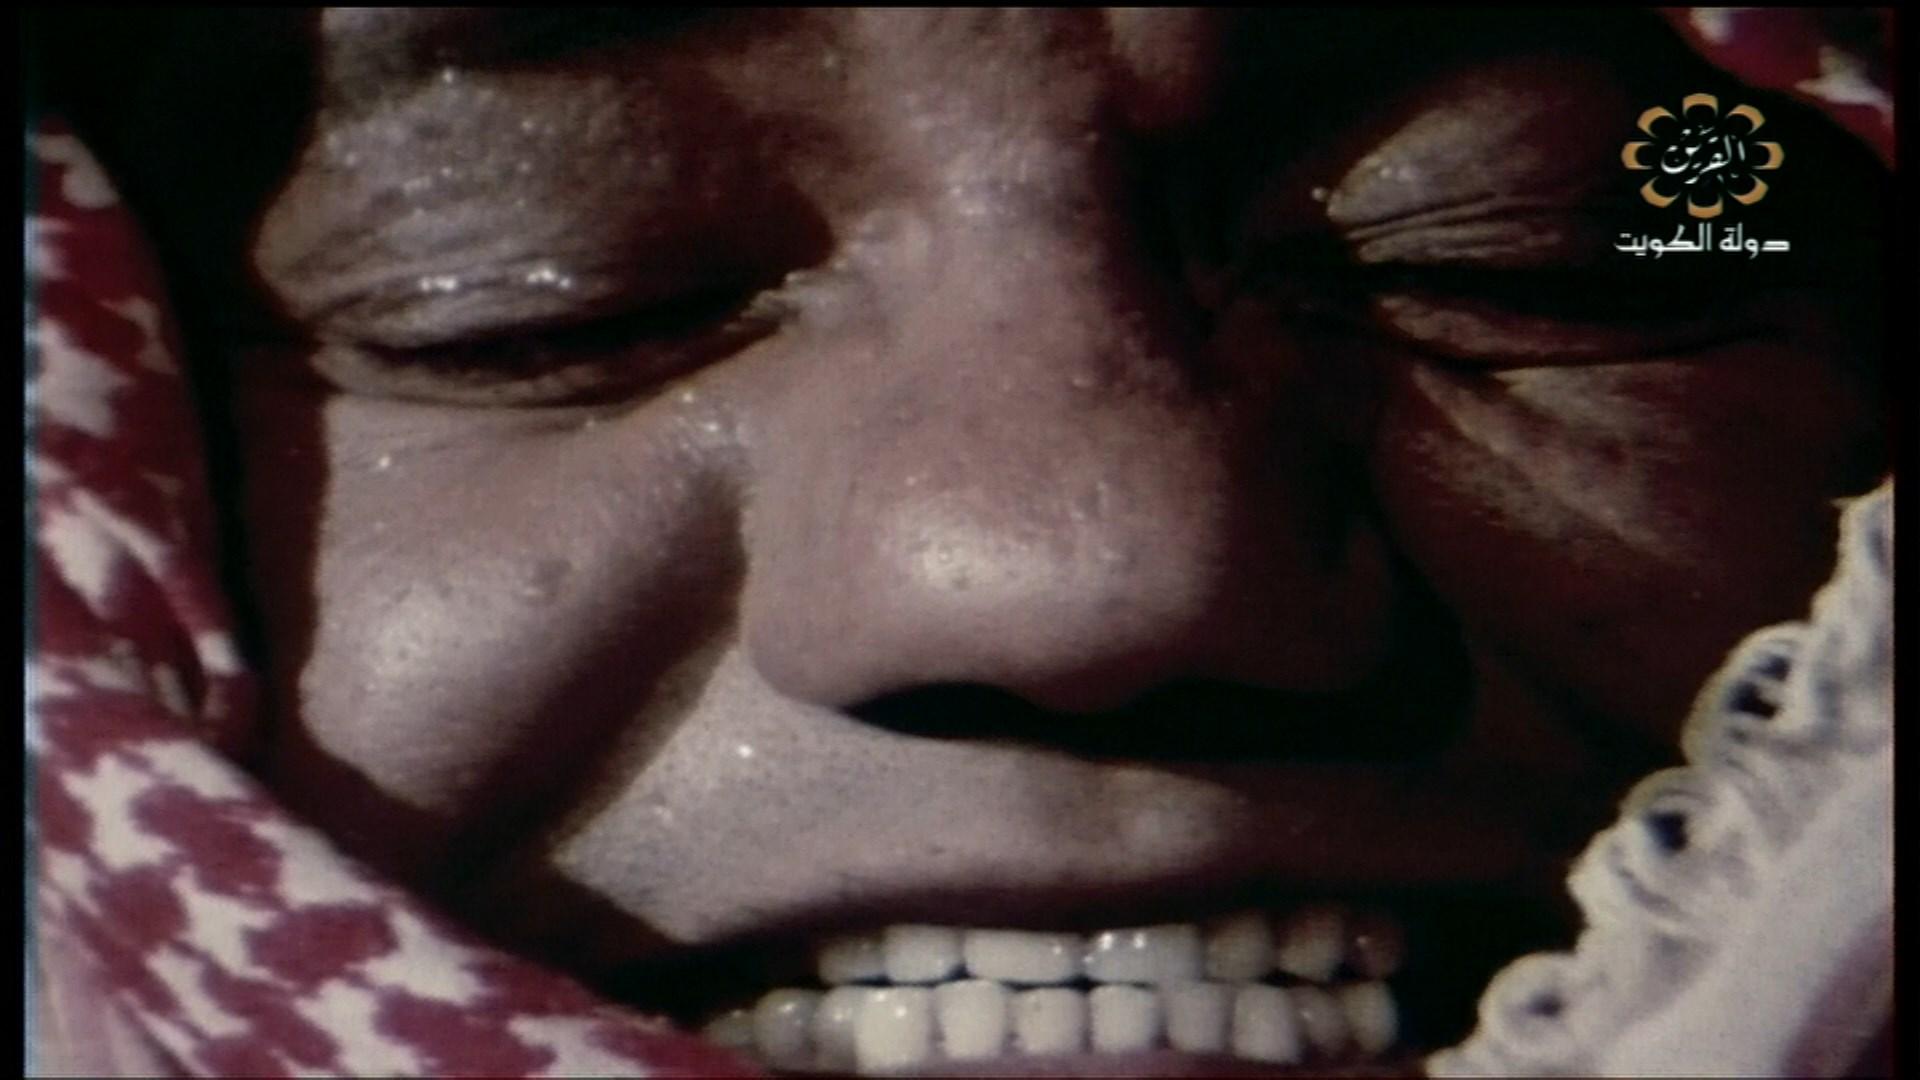 [فيلم][تورنت][تحميل][الفخ][1983][1080p][HDTV][كويتي] 4 arabp2p.com